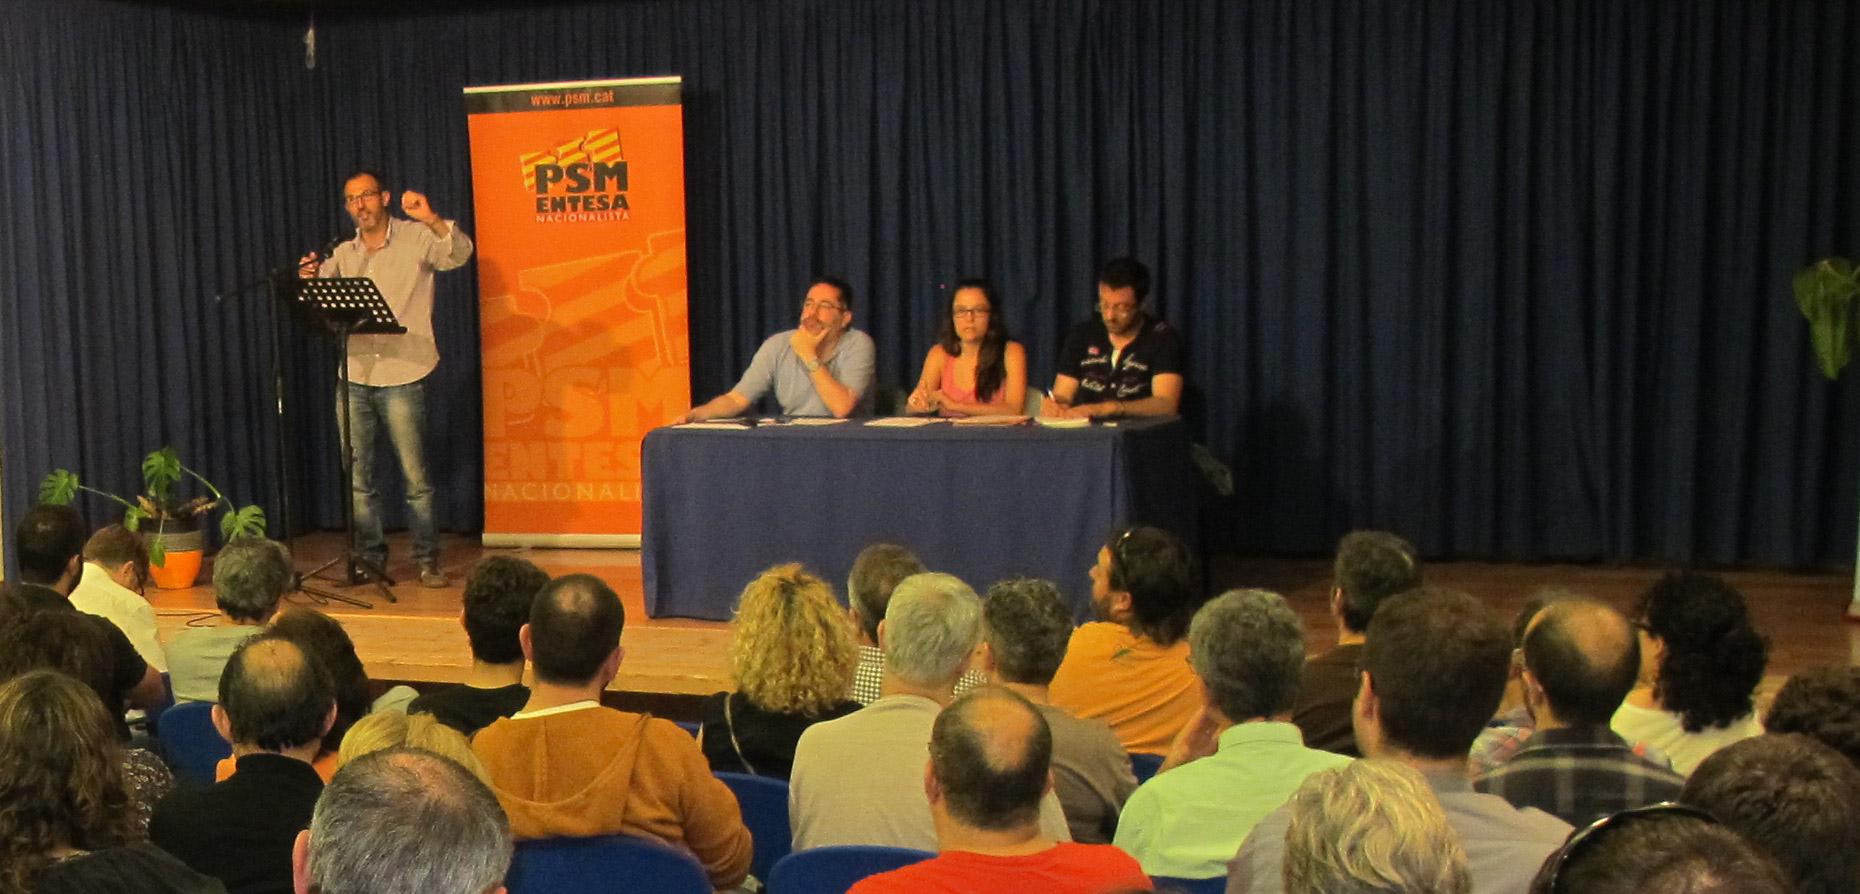 Més incorpora a ERC-Mallorca tras entrar en la federación PSM-Entesa